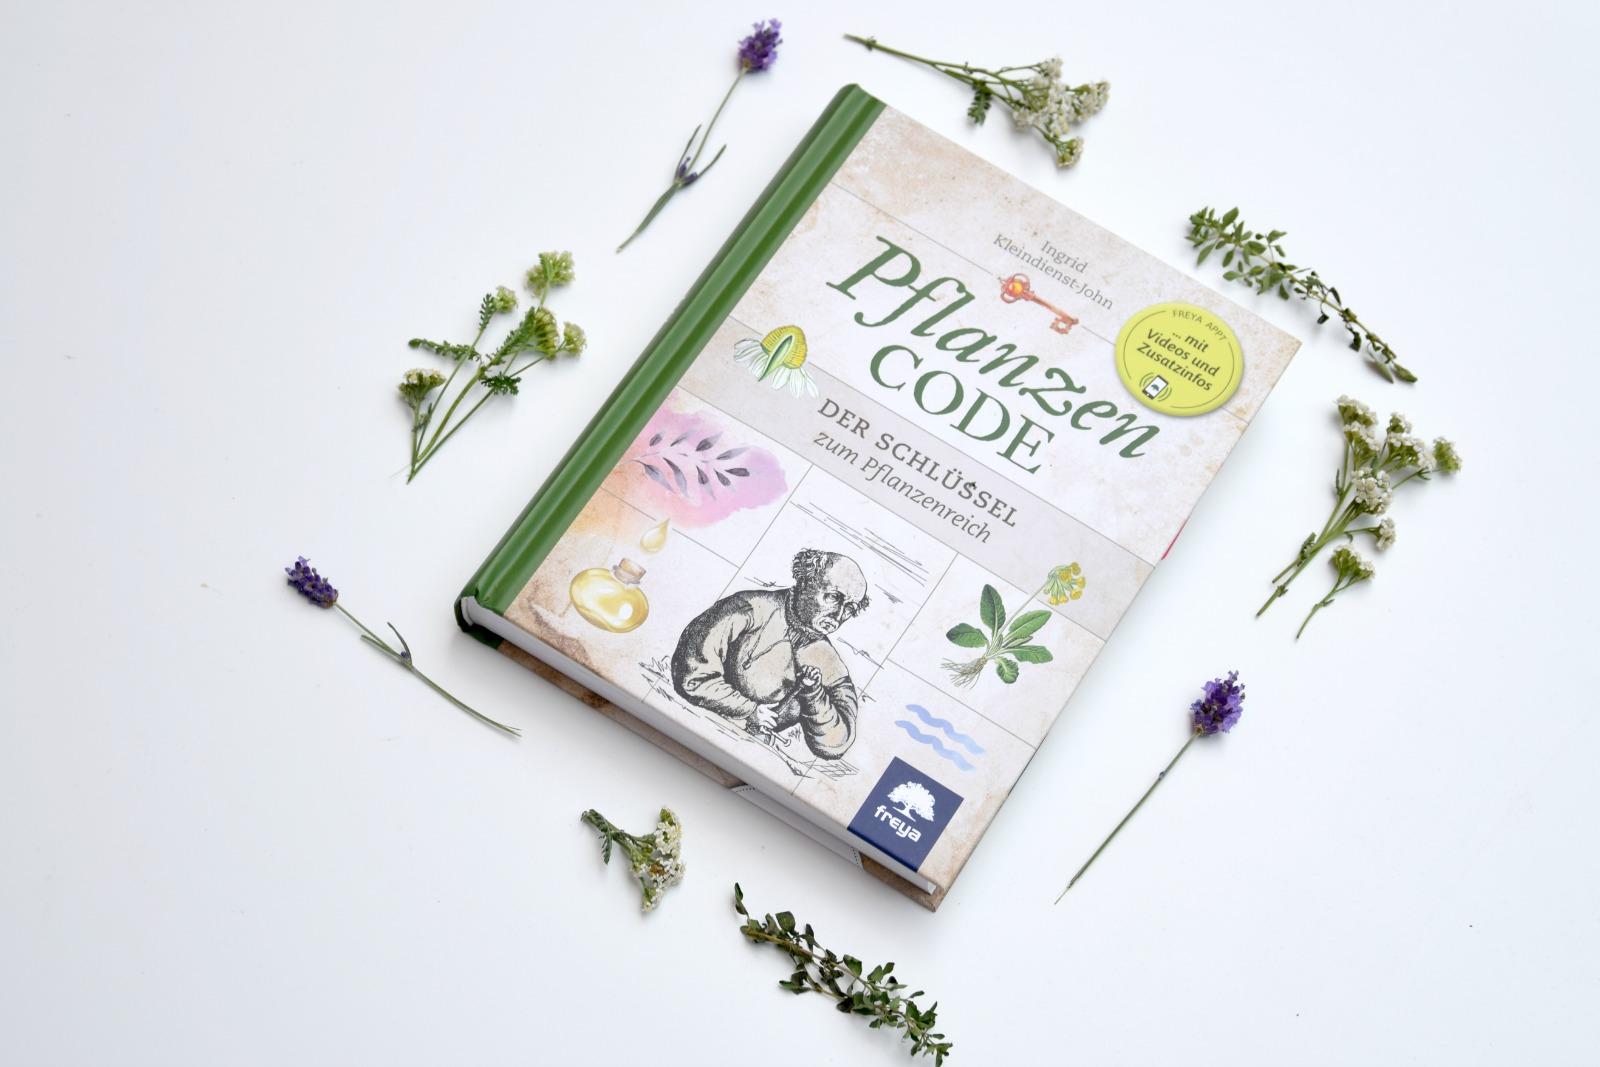 Der Pflanzencode ein Buch von Ingrid Kleindienst-John